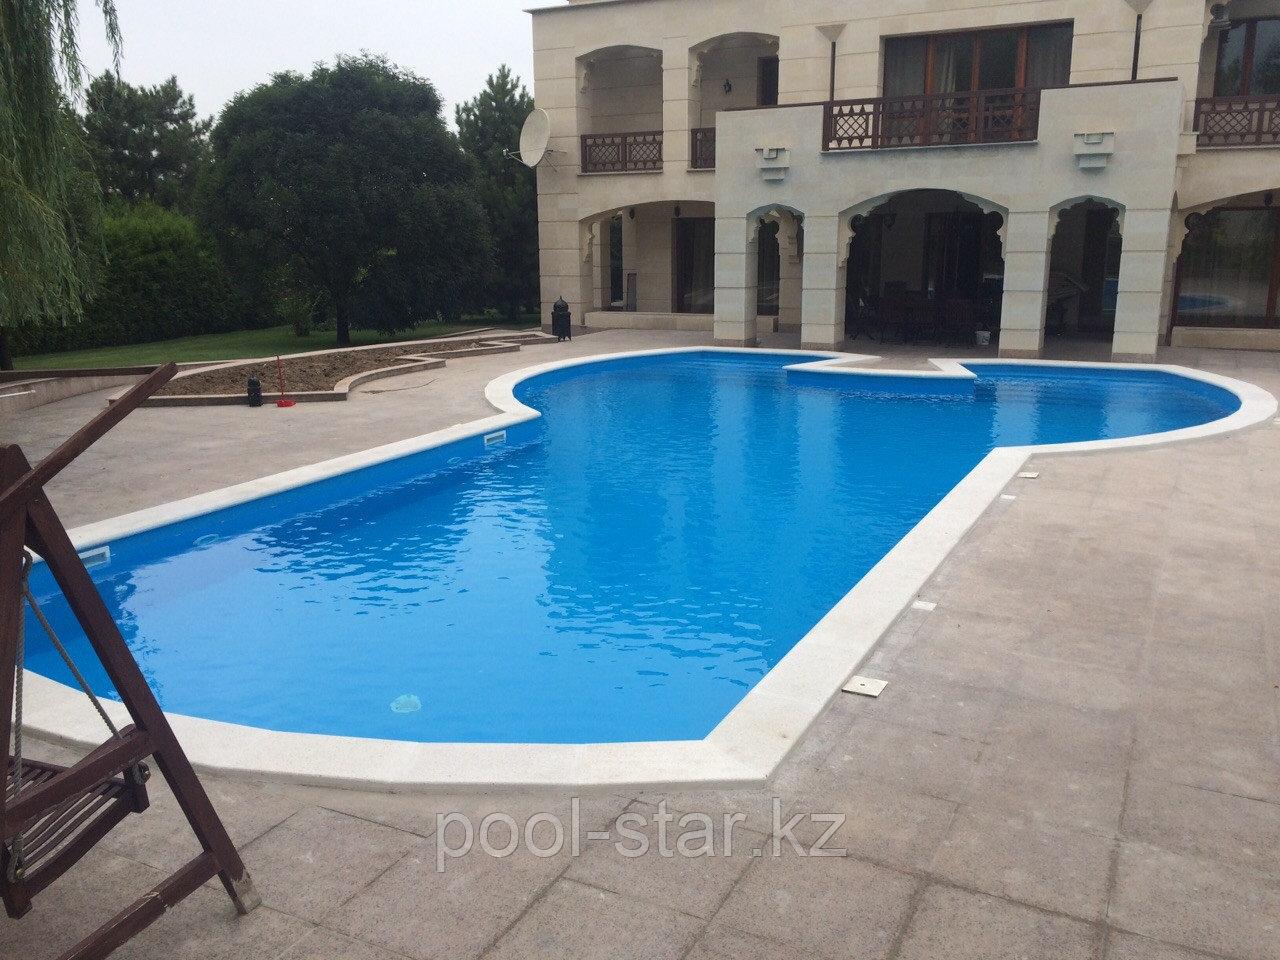 Строительство и реконструкция бассейнов любой сложности. Оборудование для бассейна. Скиммера форсунки